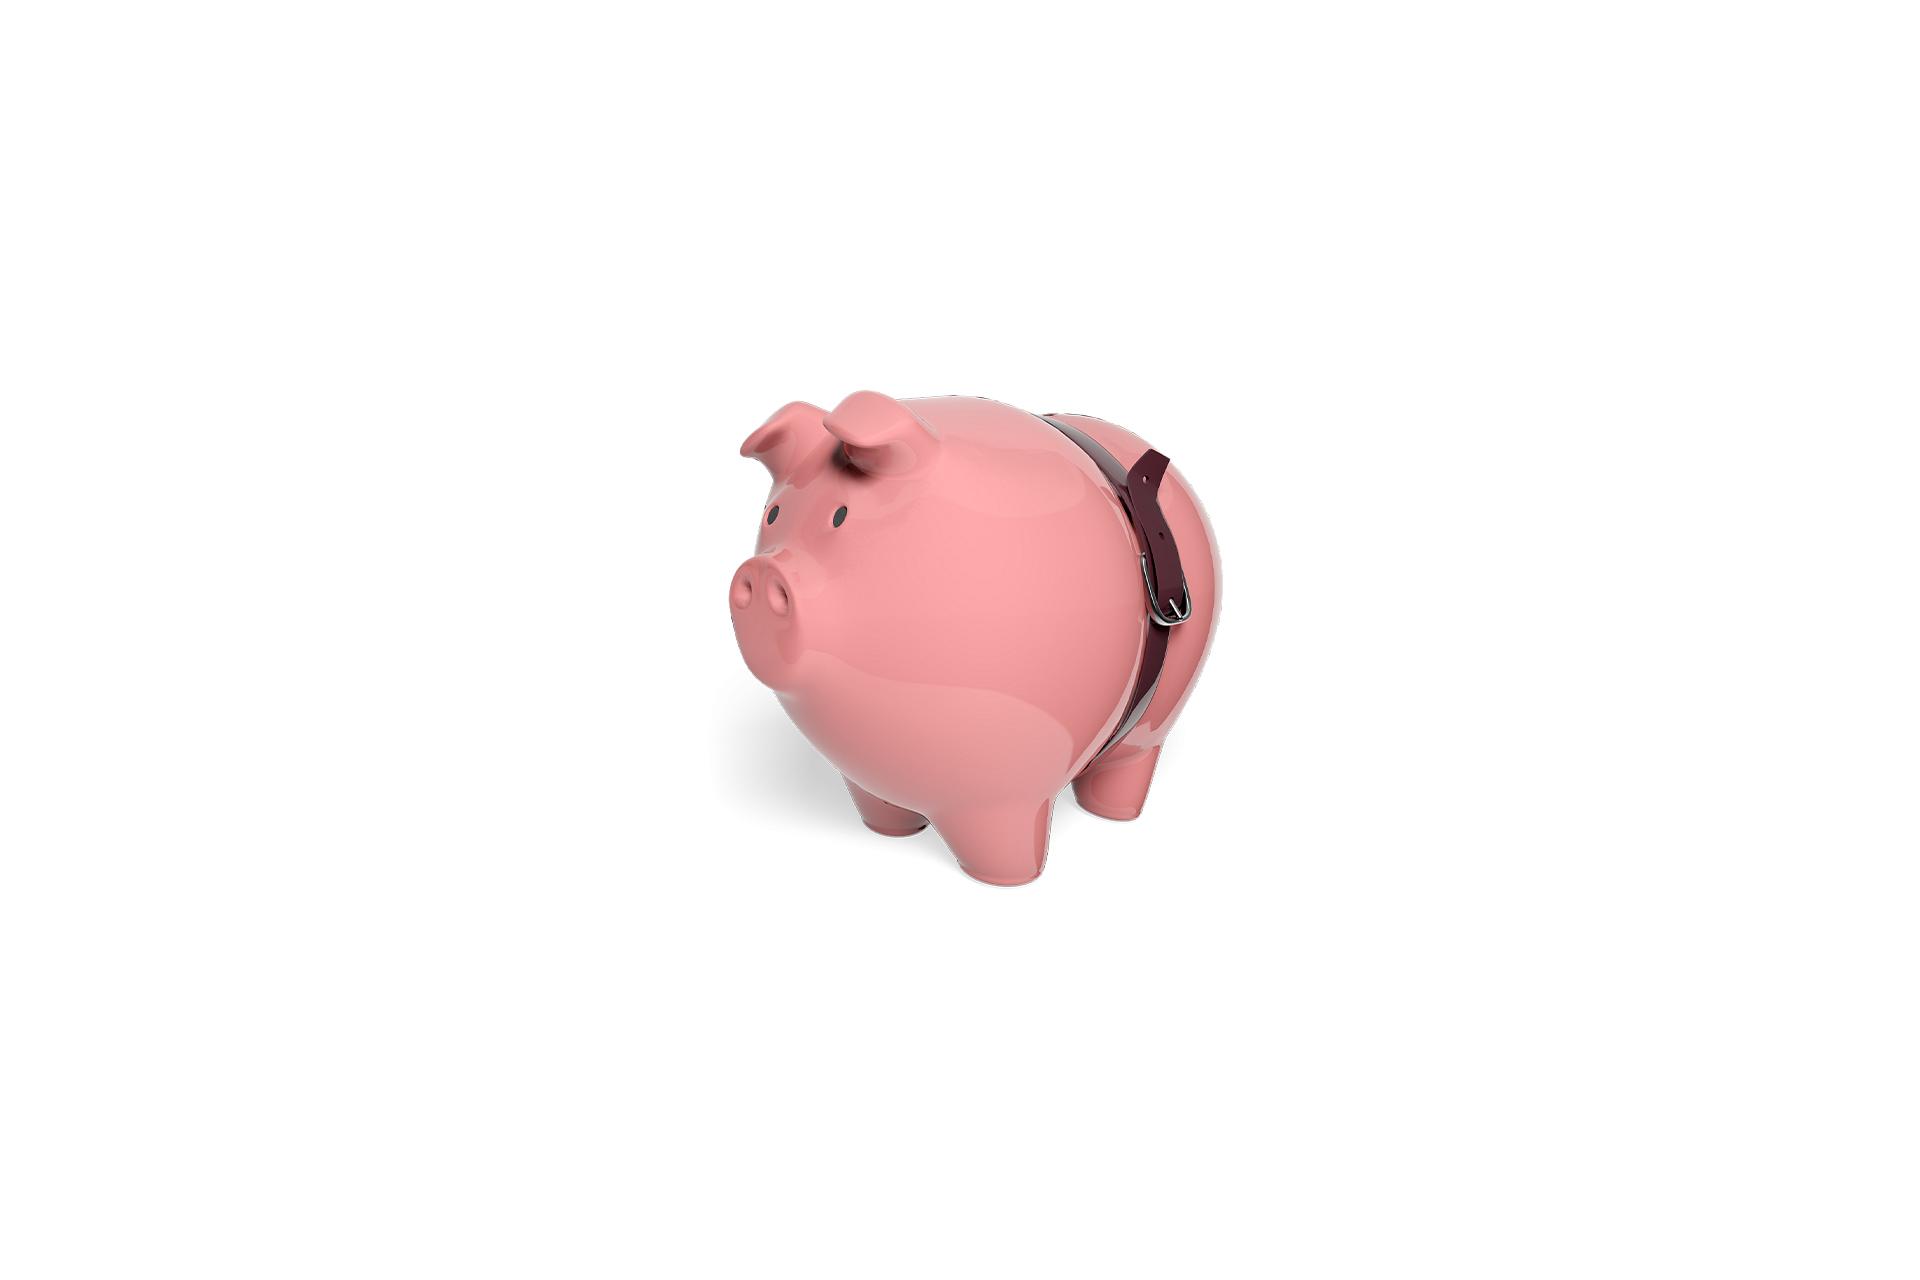 سه راه فریب ذهن به پسانداز پول بیشتر